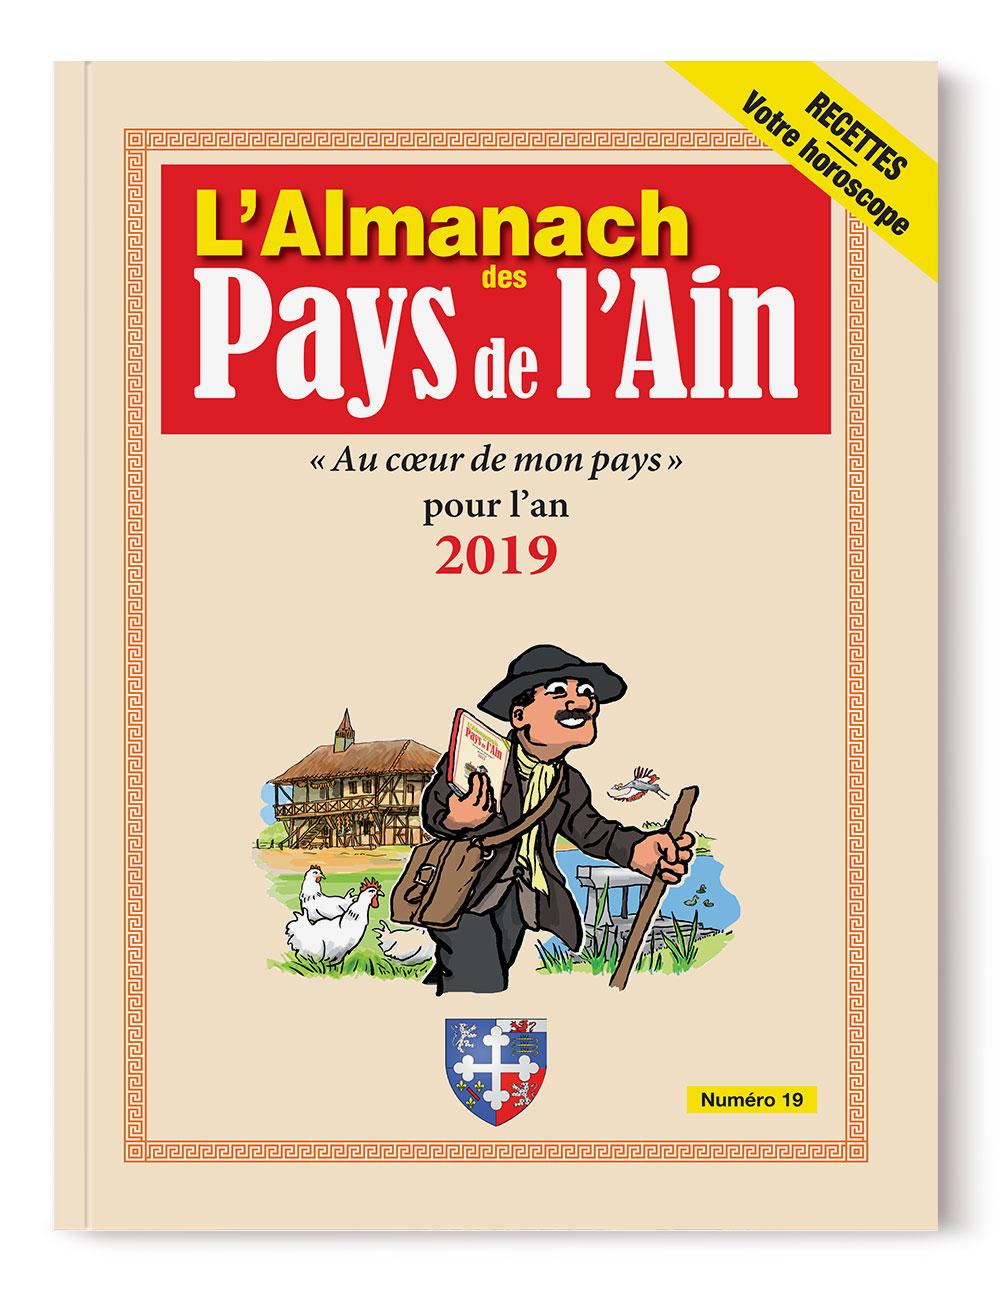 Almanach des Pays de l'Ain 2019 - numéro 19